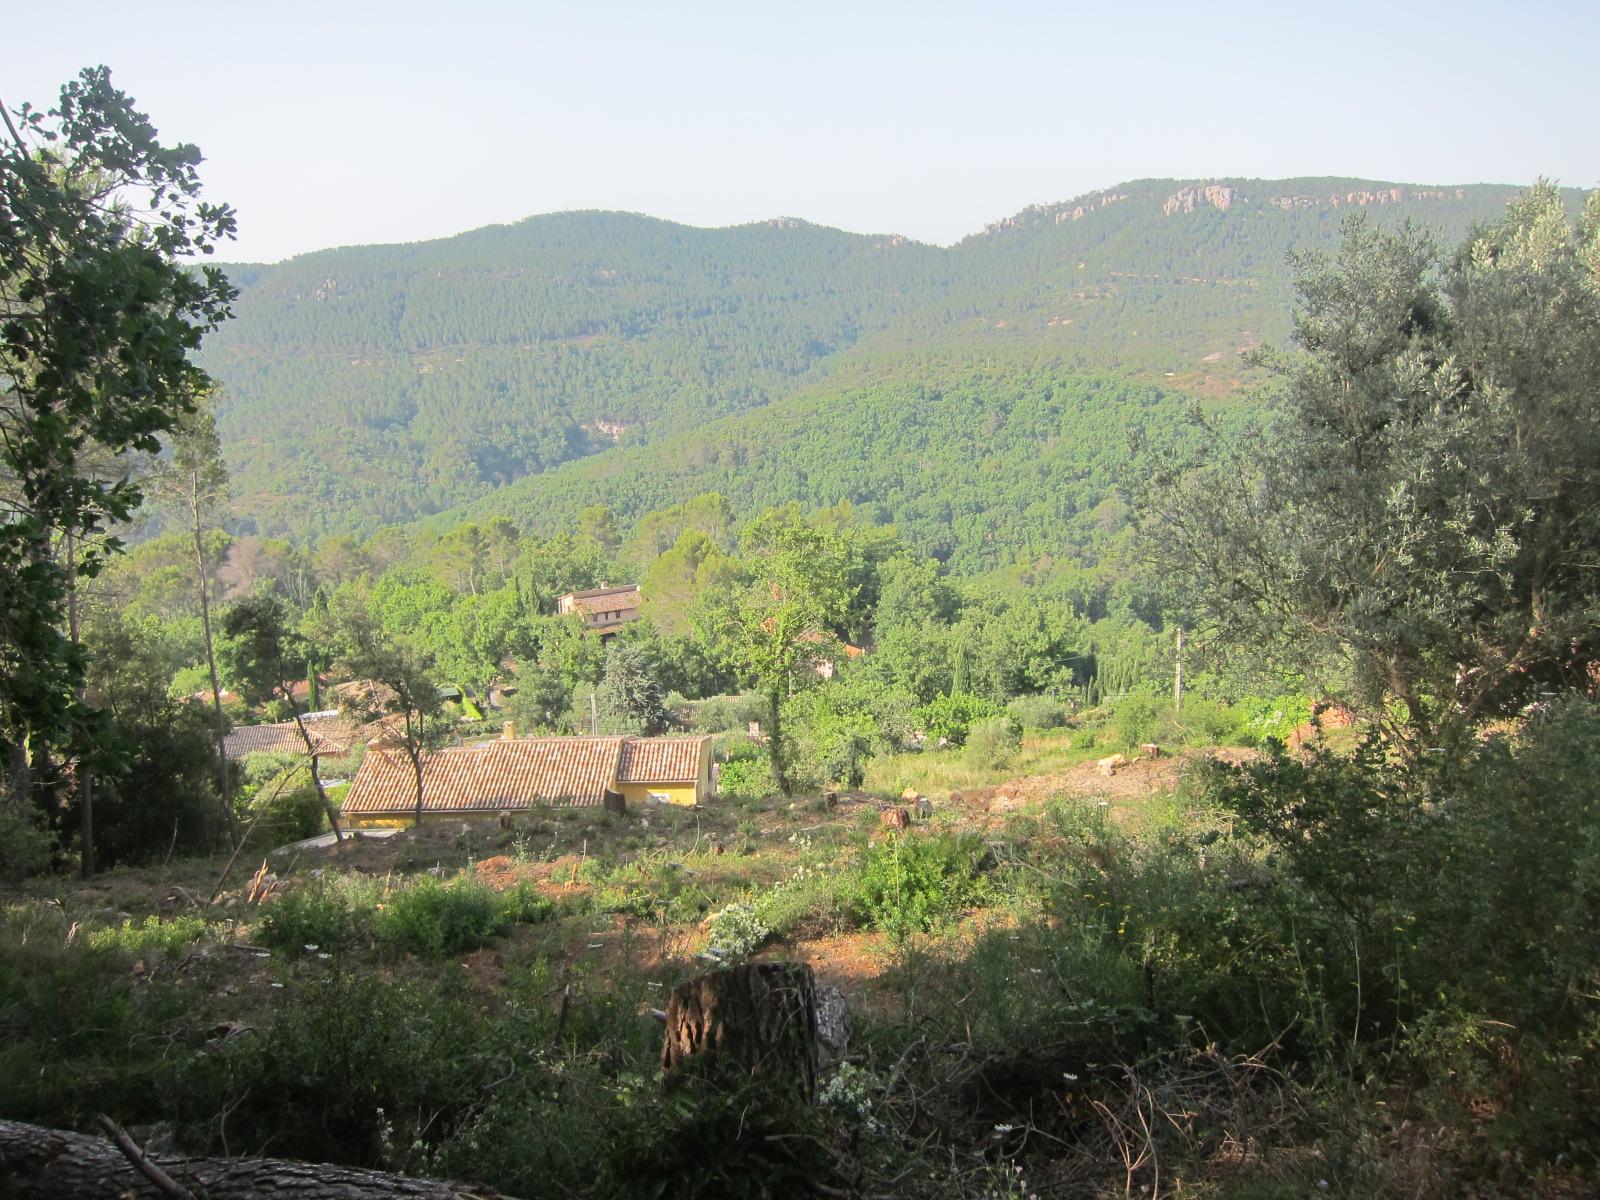 Bagnols en Foret, terrain à vendre 1200 m²